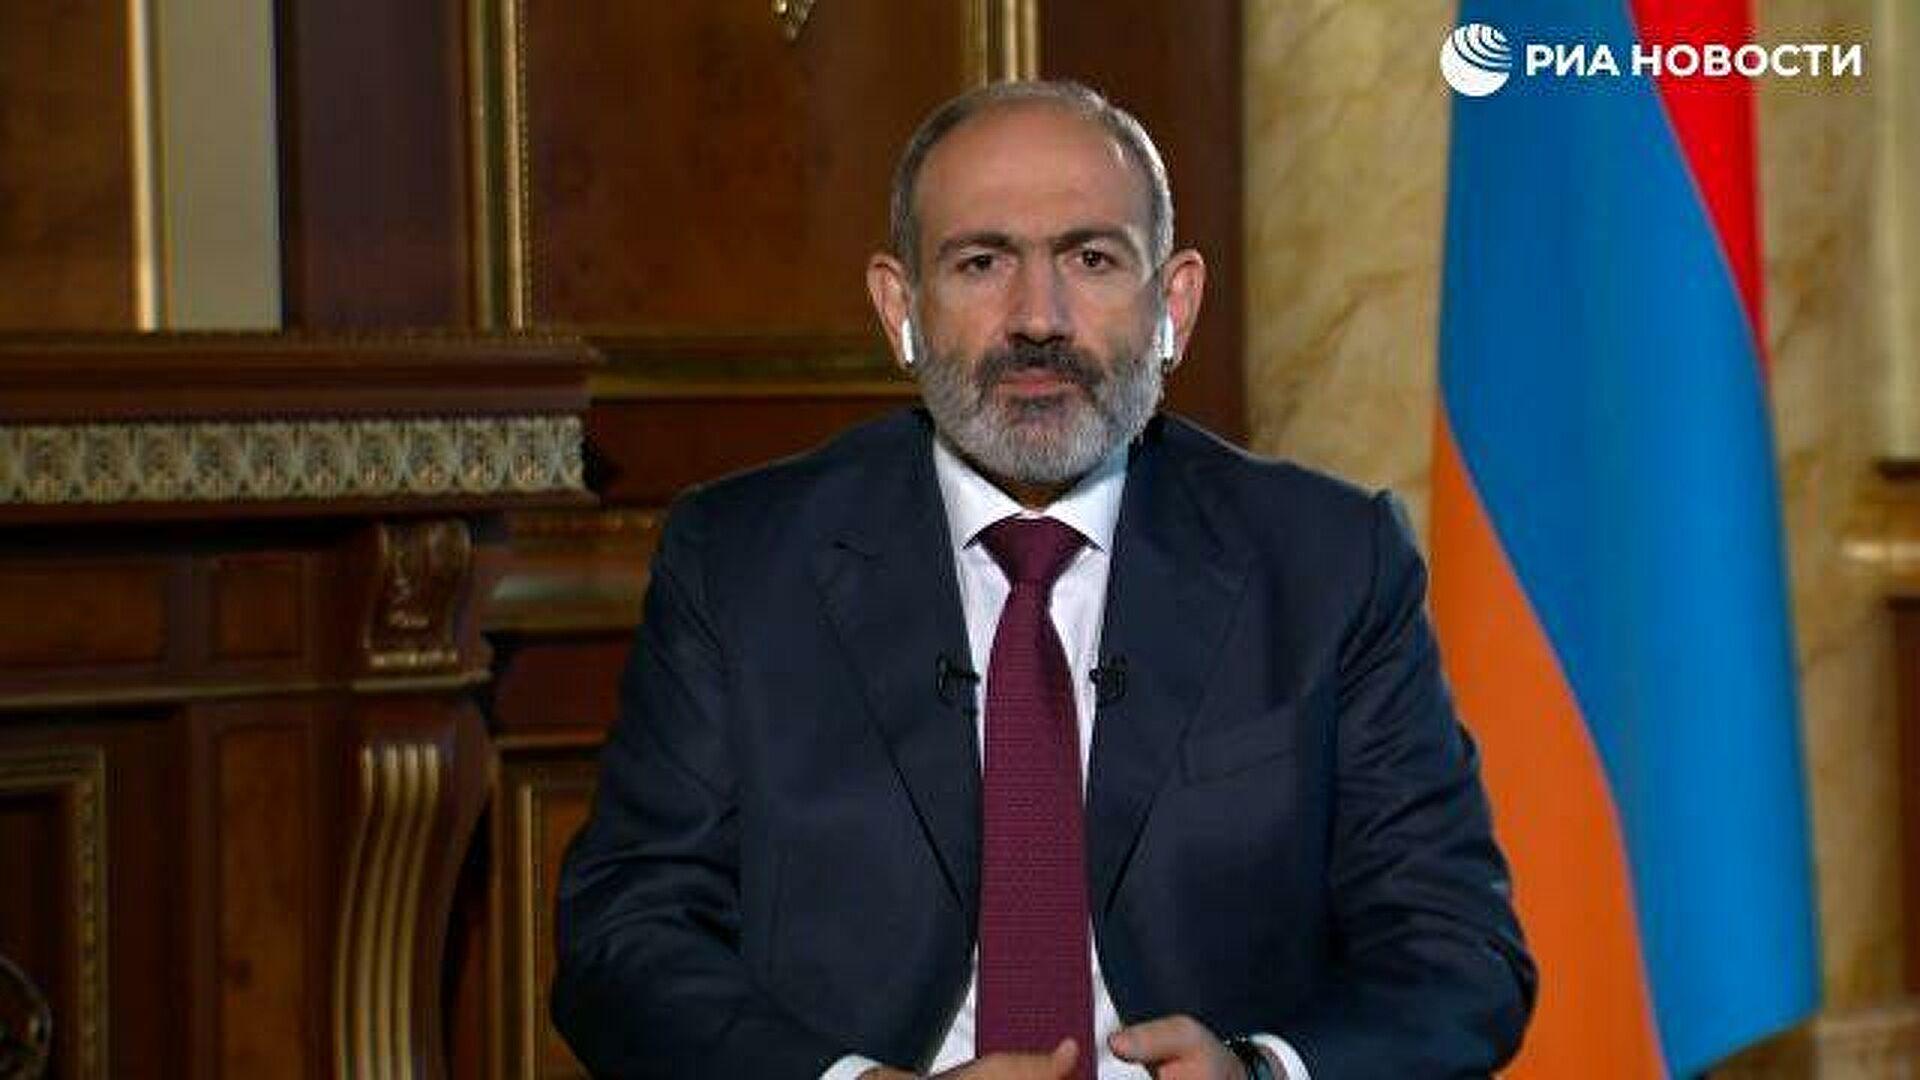 Pašinjan: Jermeni Nagorno-Karabaha suočavaju se sa egzistencijalnom pretnjom